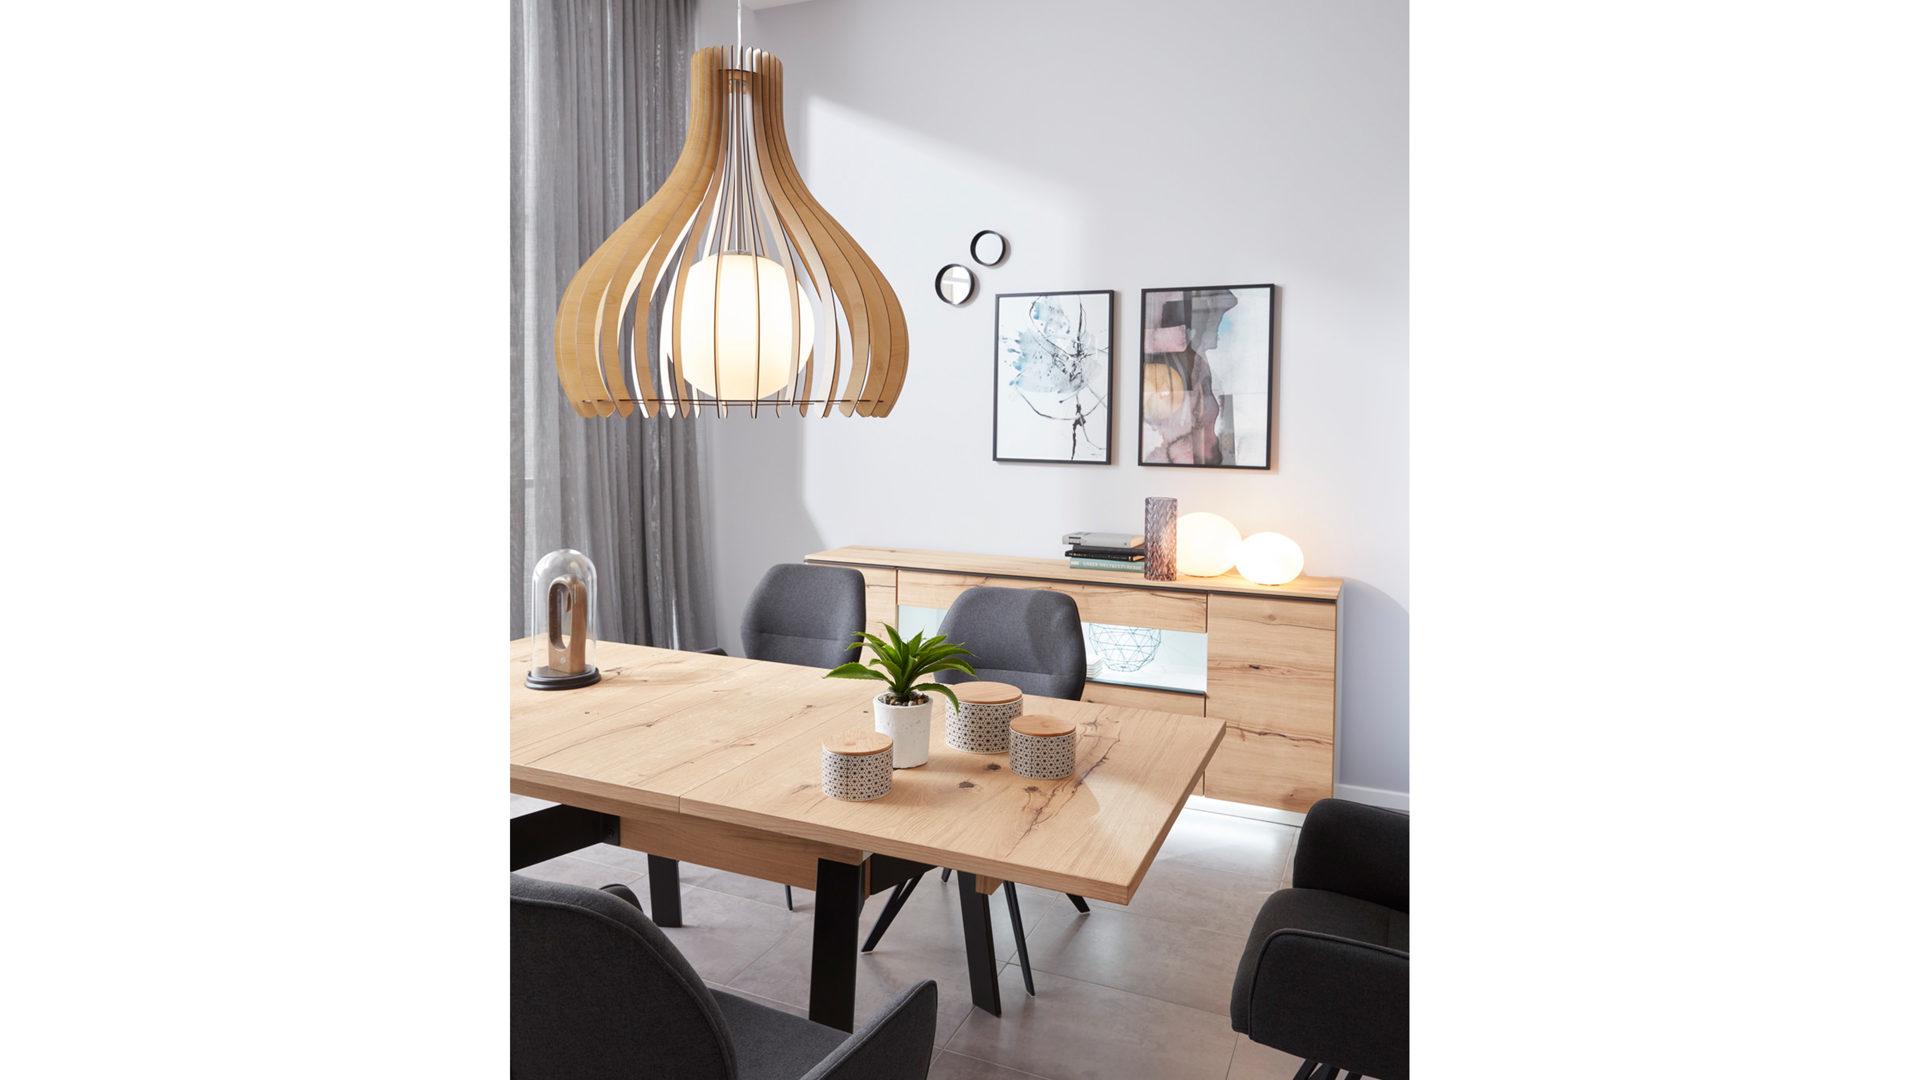 Esstisch Die Hausmarke | Il Aus Holz In Schwarz Interliving Wohnzimmer  Serie 2103 U2013 Esstisch Schieferschwarzer